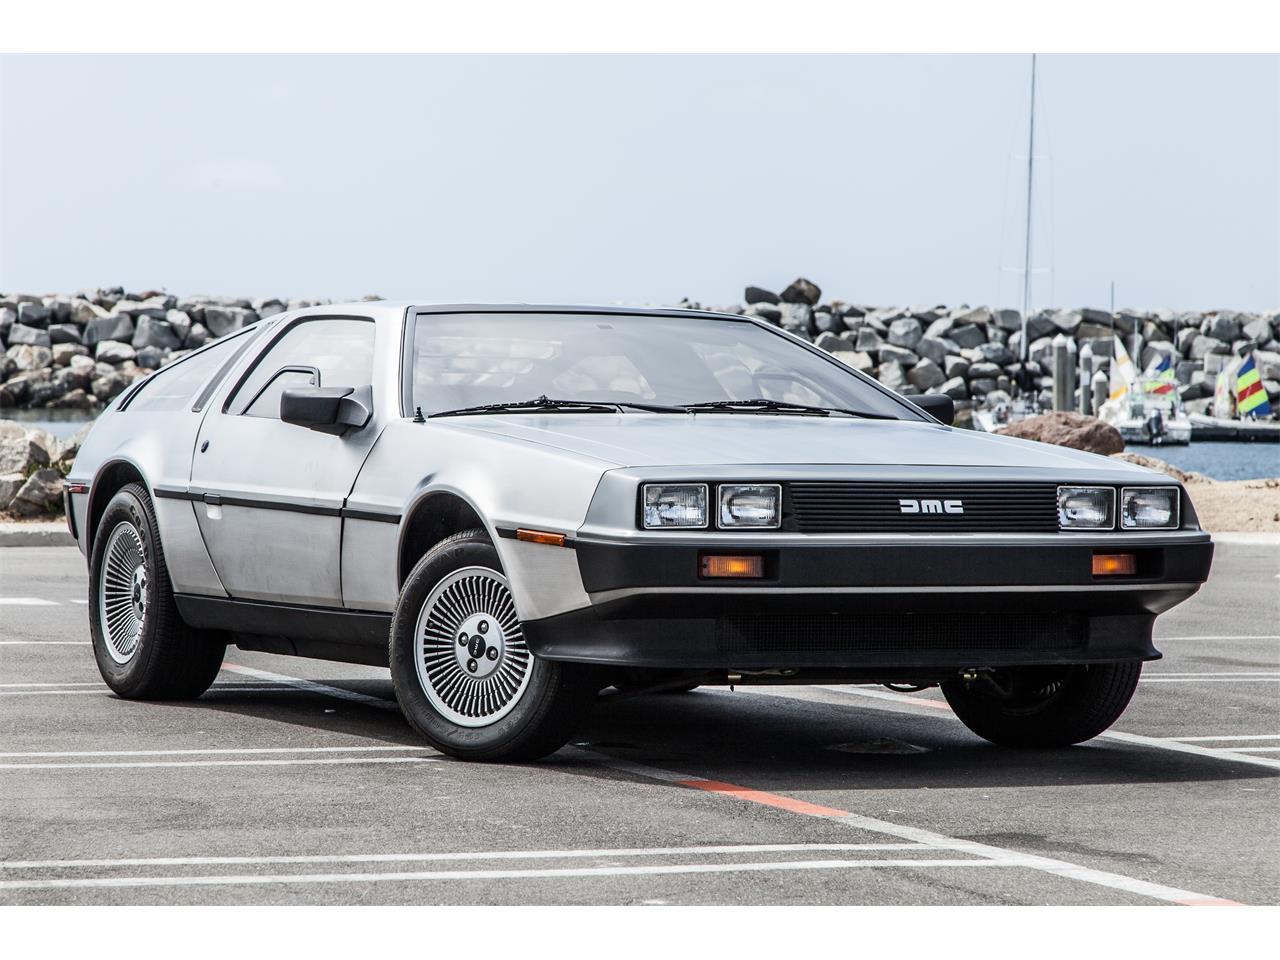 For Sale: 1981 DeLorean DMC-12 in Redondo Beach, California